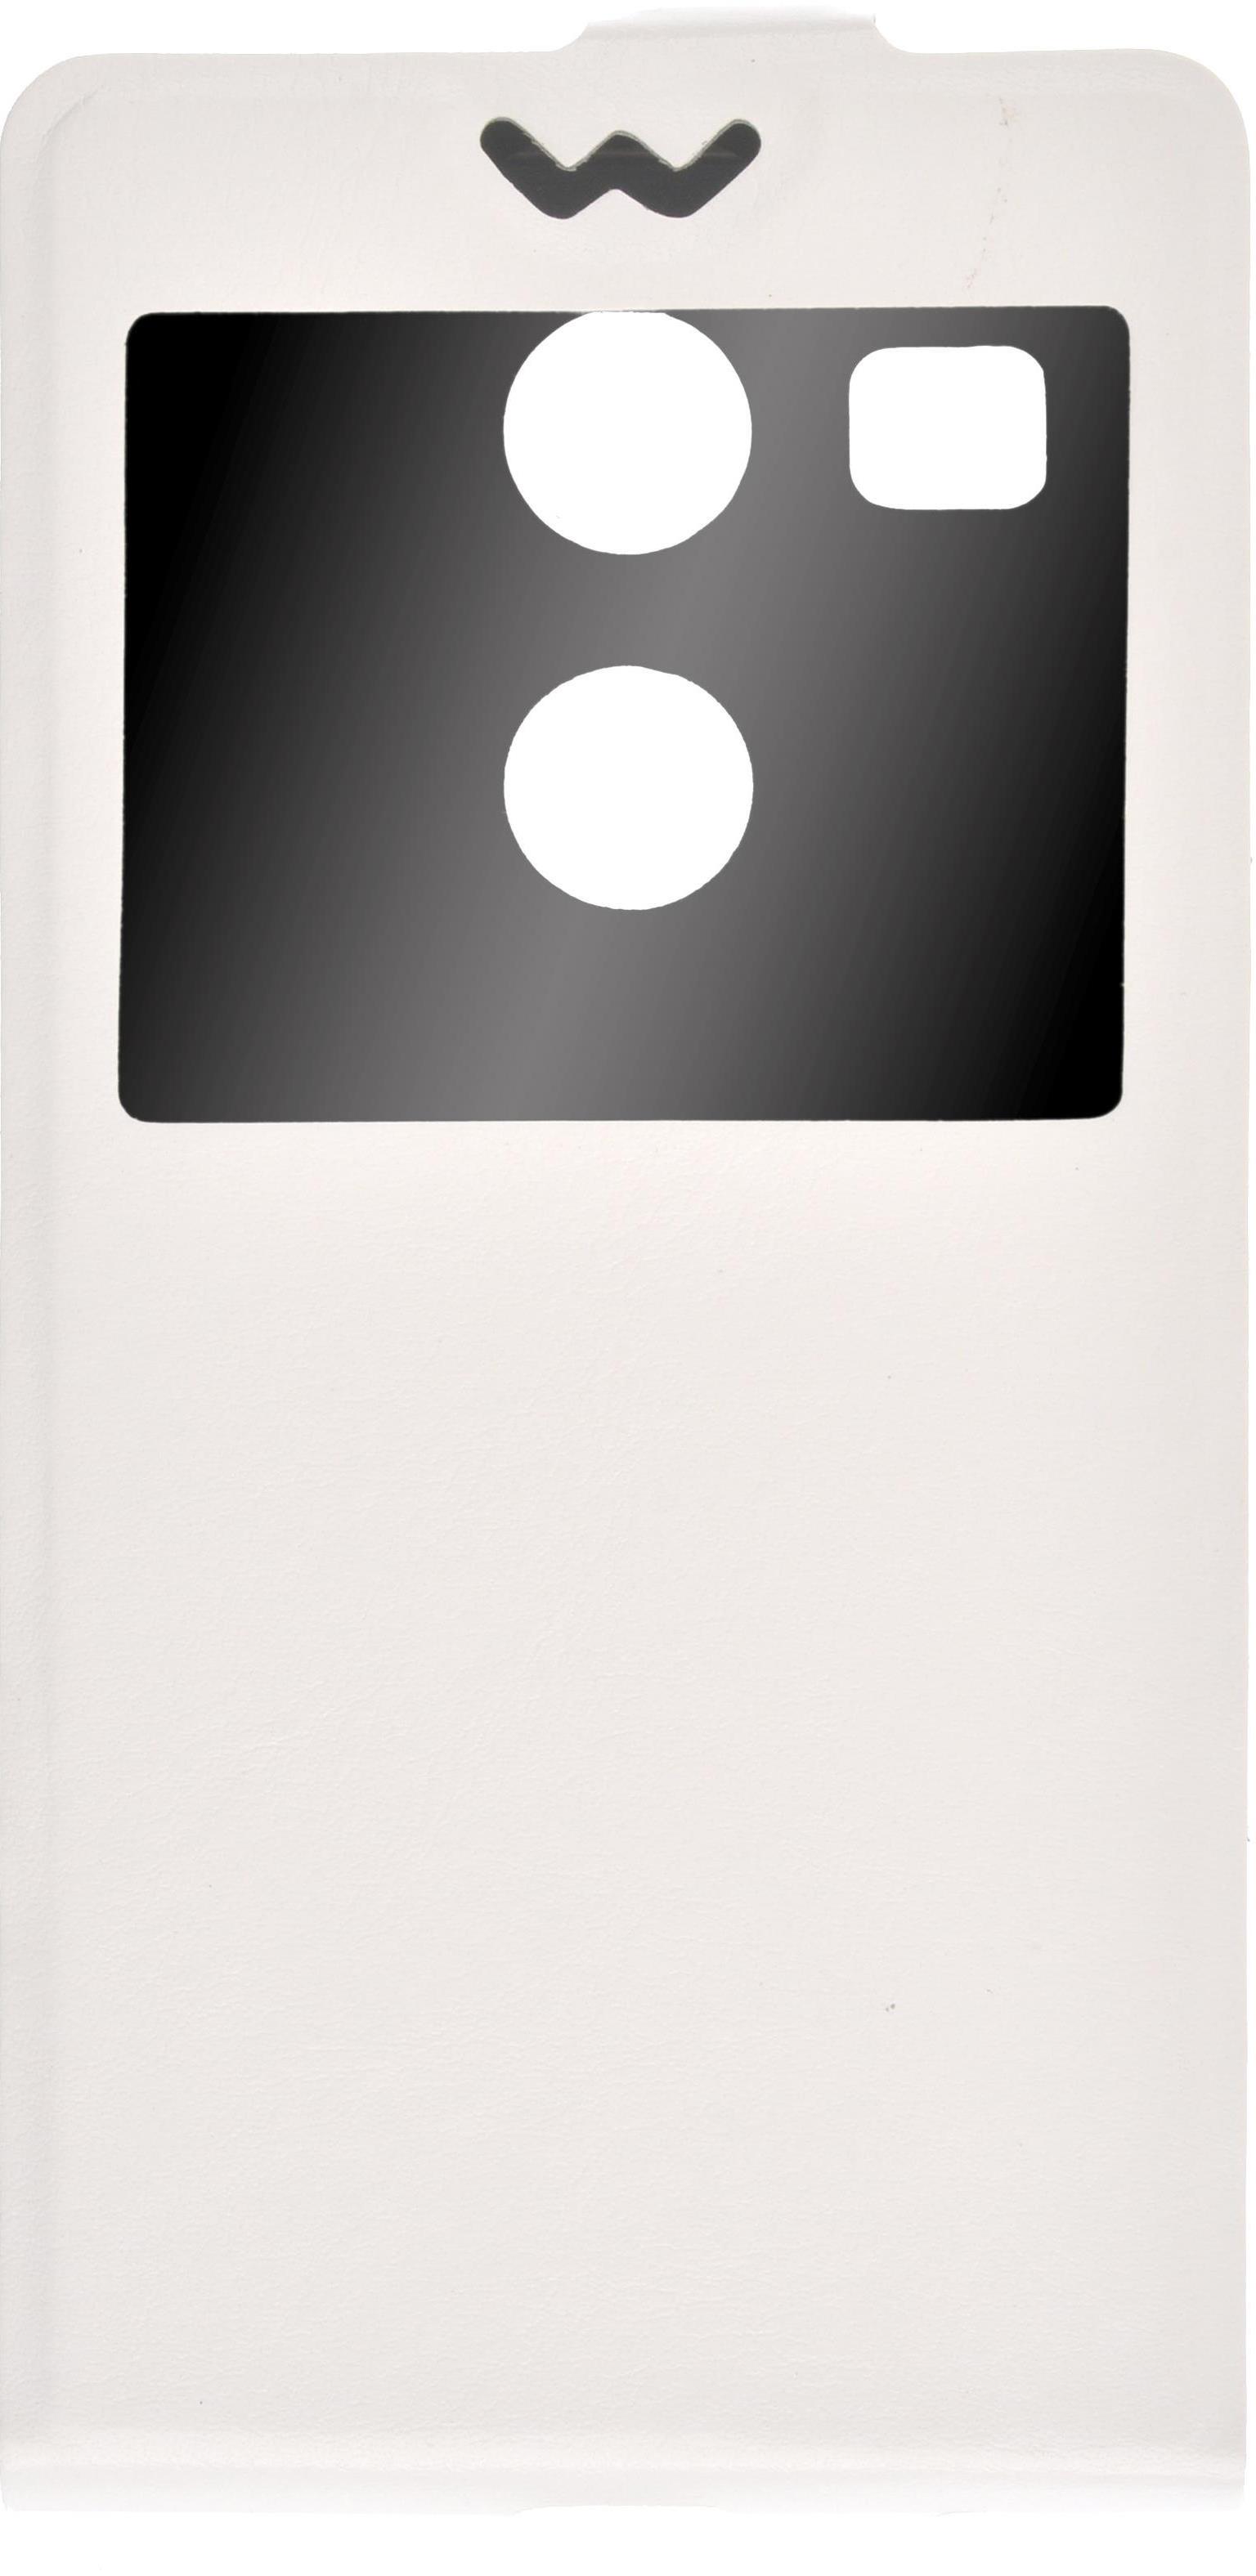 Чехол для сотового телефона skinBOX Flip slim, 4630042525238, белый стоимость